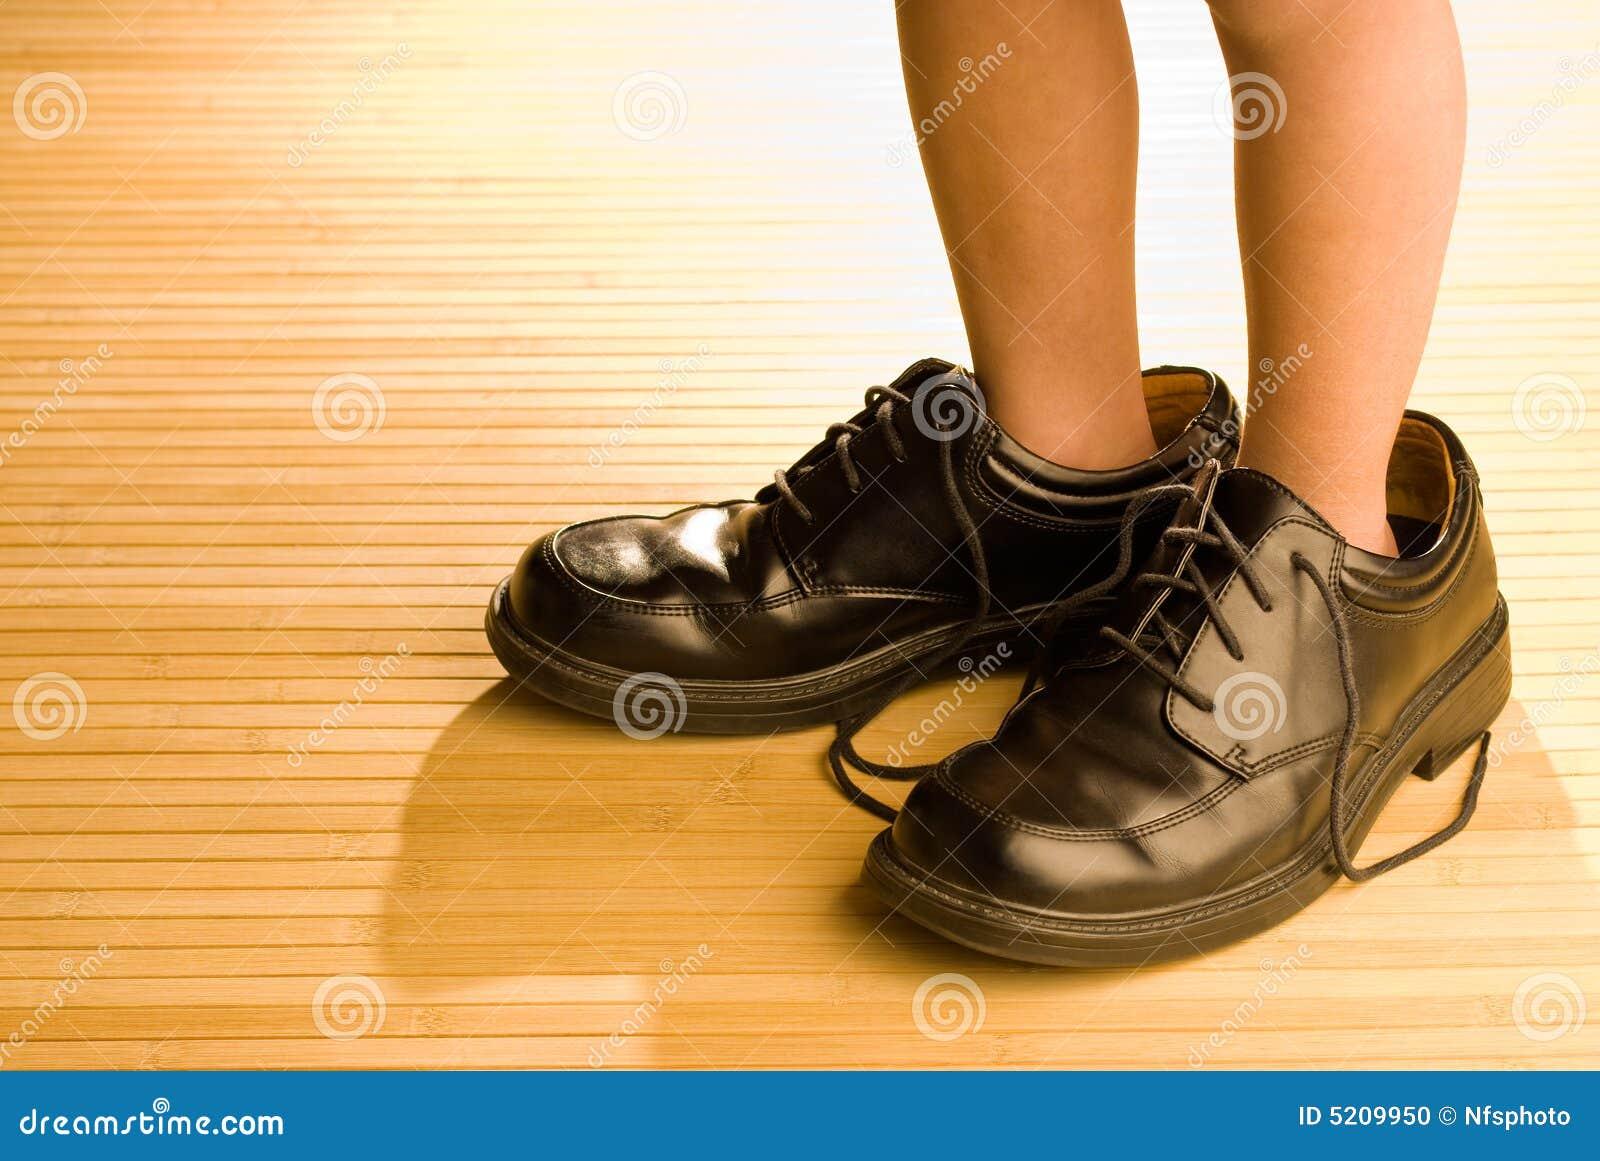 Zapatos grandes a llenar, pies del niño en zapatos negros grandes